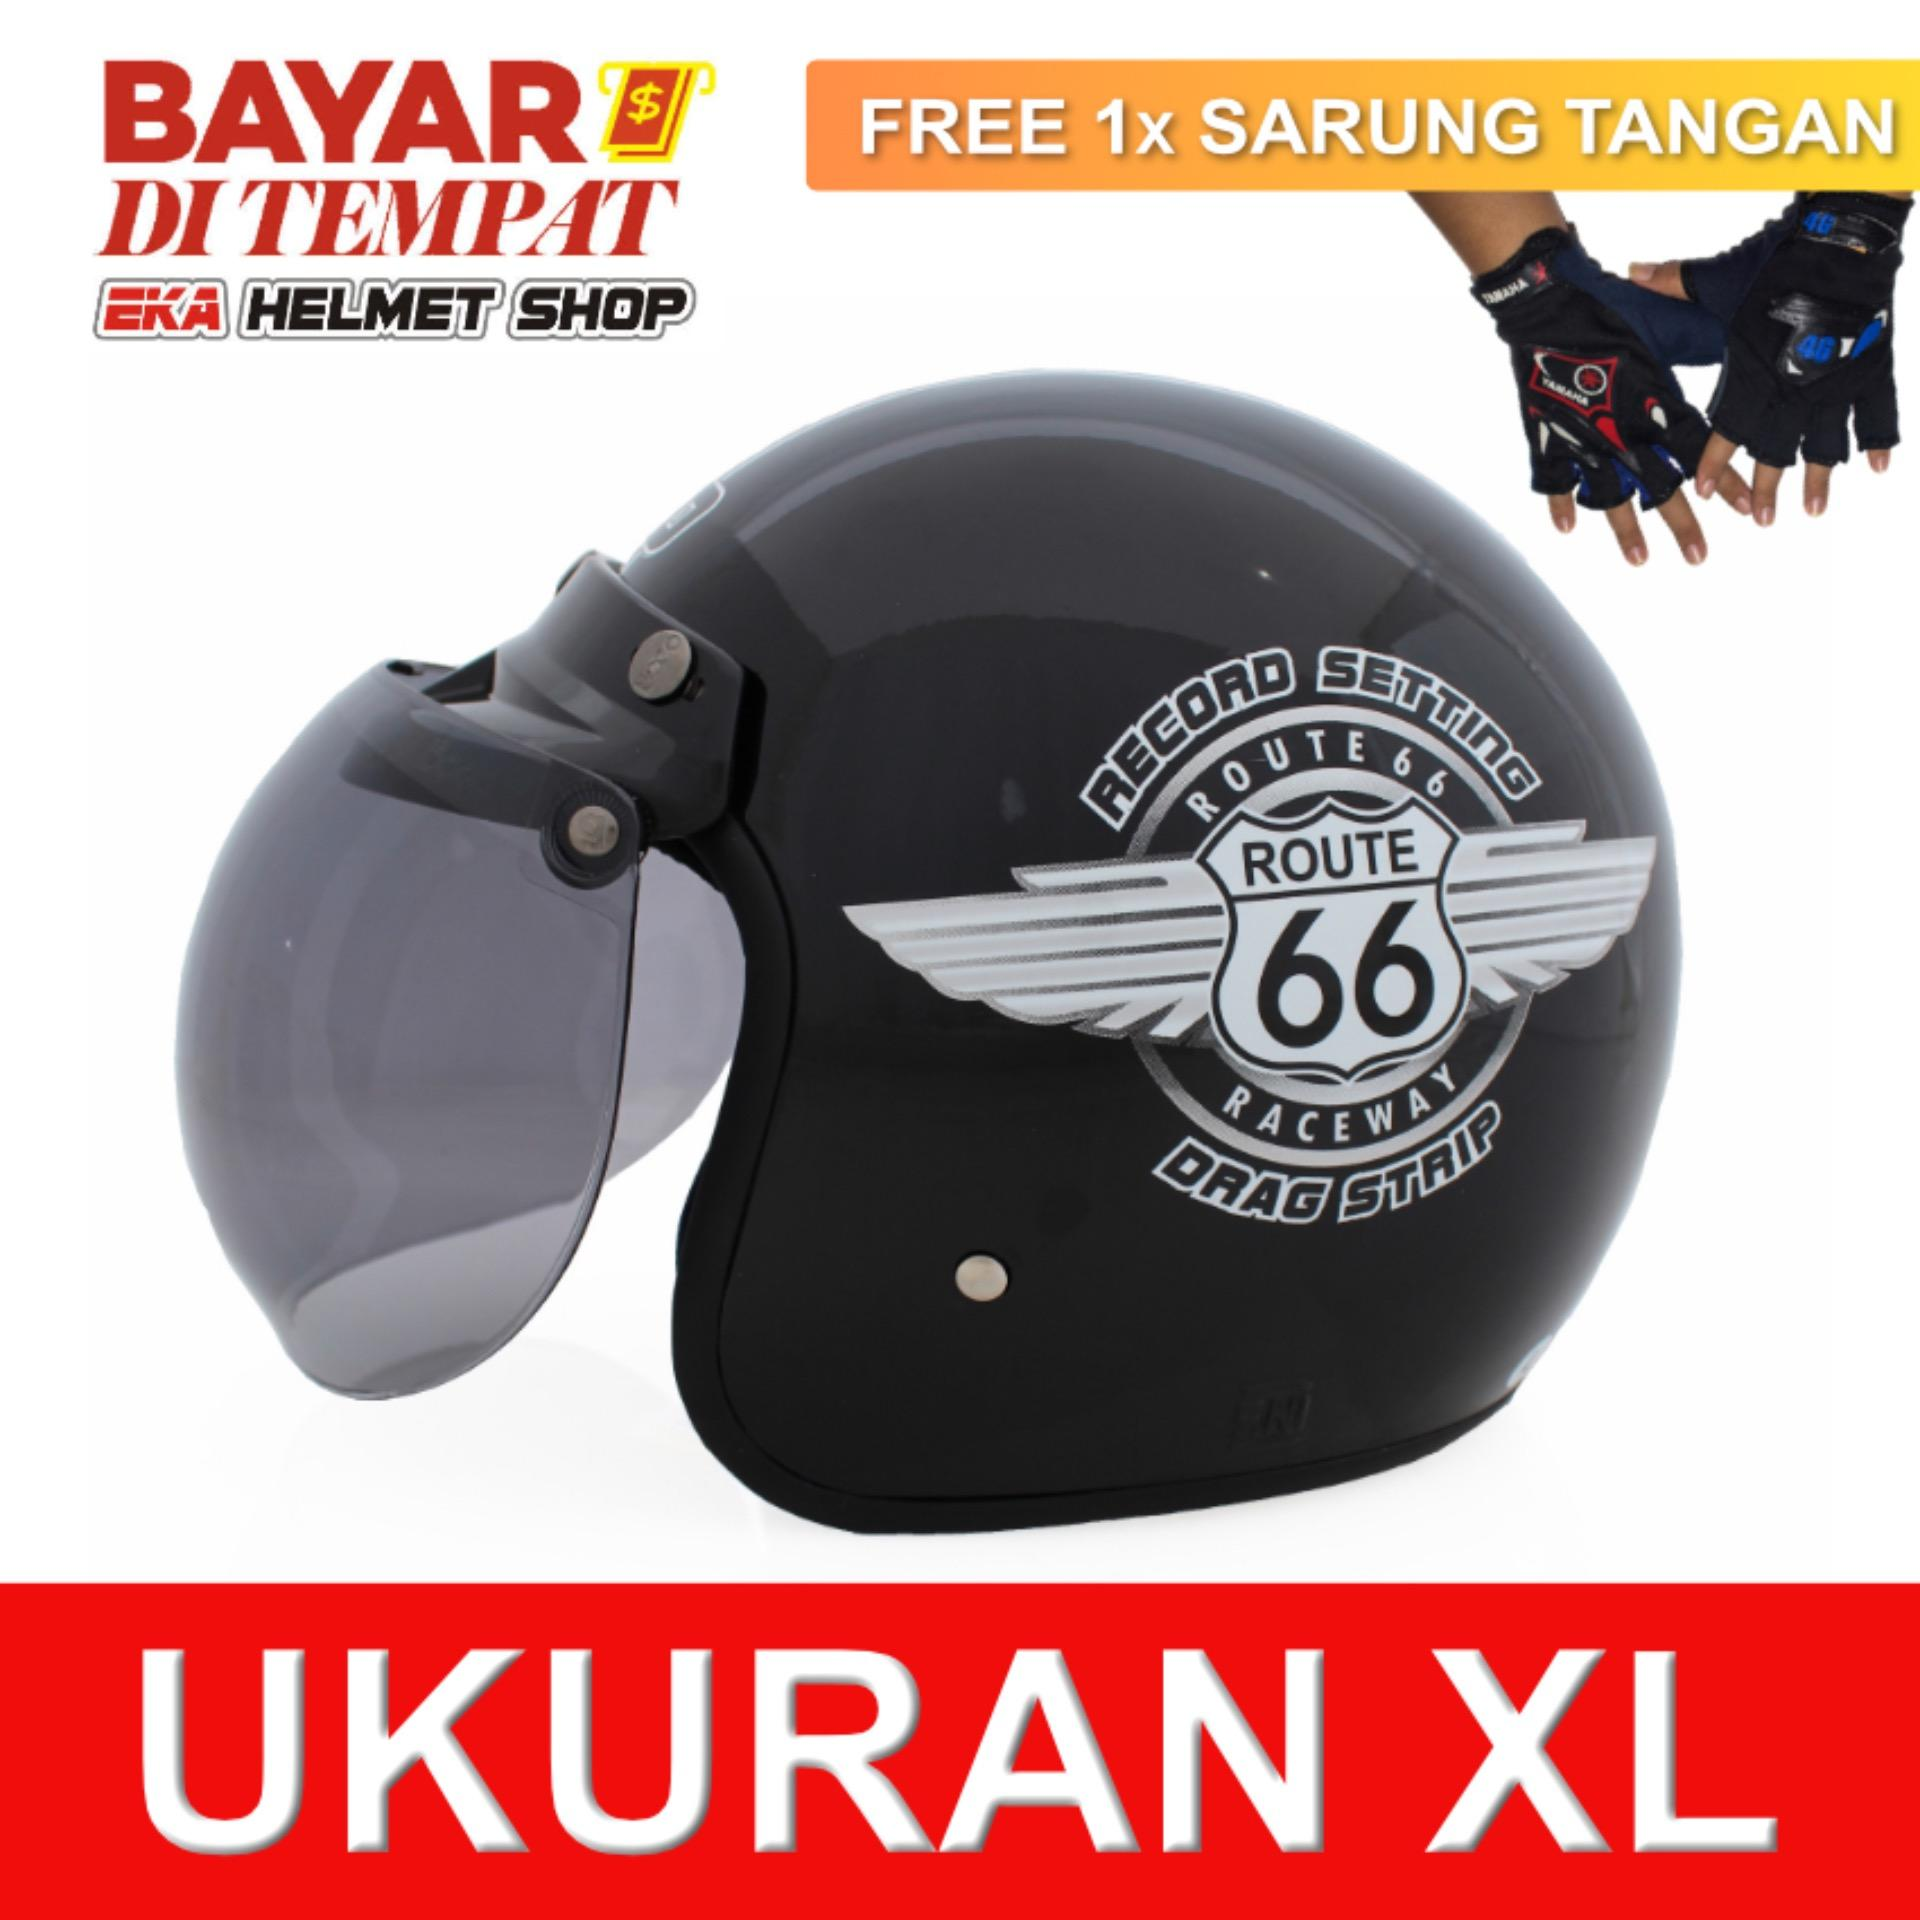 Harga Wto Helmet Retro Bogo 66 Hitam Promo Gratis Sarung Tangan Terbaru